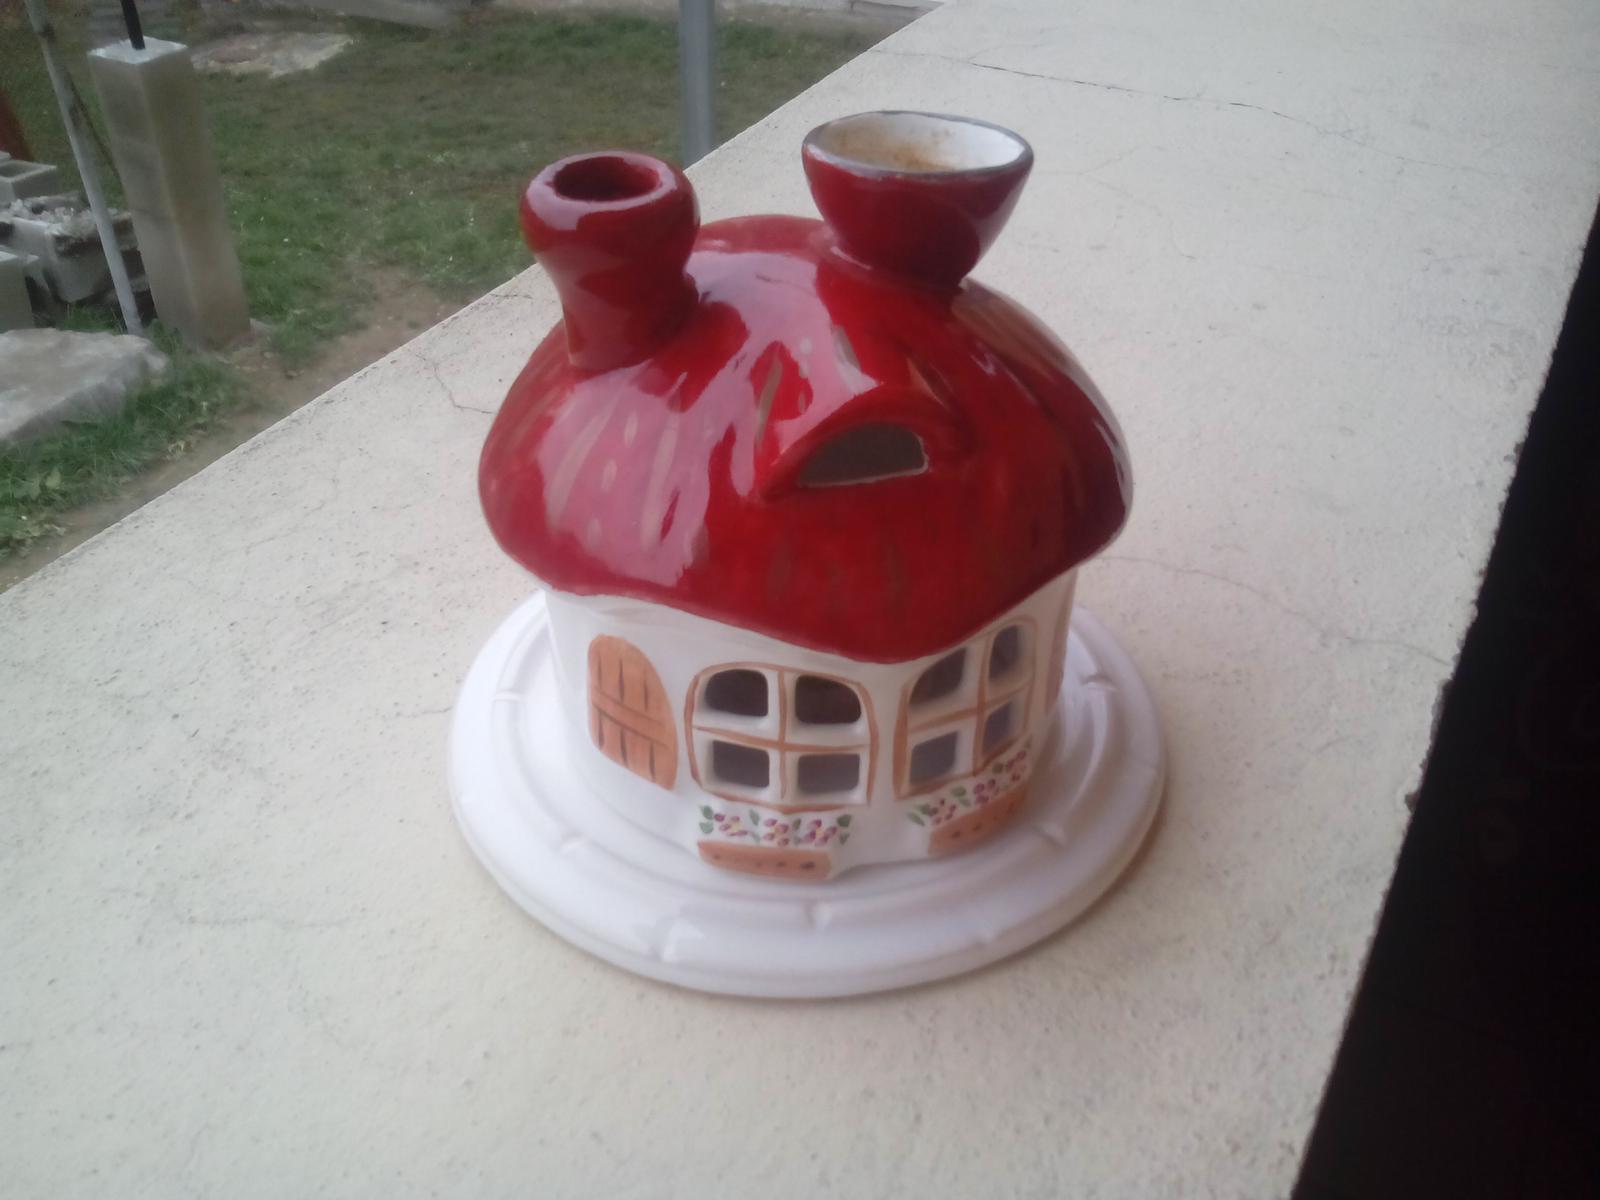 Kráľovstvo gombíkov (a aj všetkého iného) - Aj tento domček na sviečku a hore na nádobku na vonný olej. Však to je až smiešne, že sa to predáva za 3€